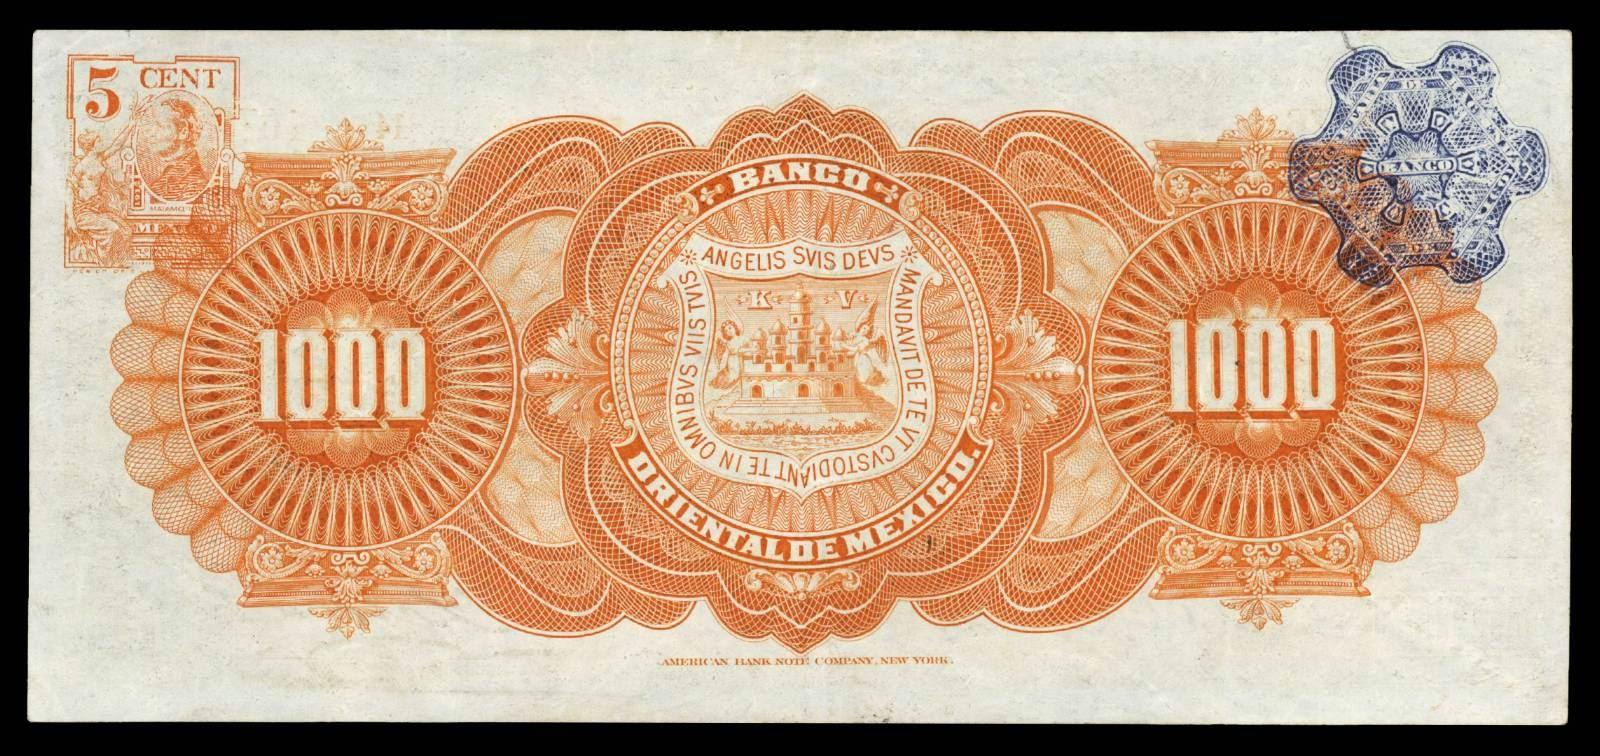 Mexico paper money 1000 Pesos banknote Banco Oriental De Mexico